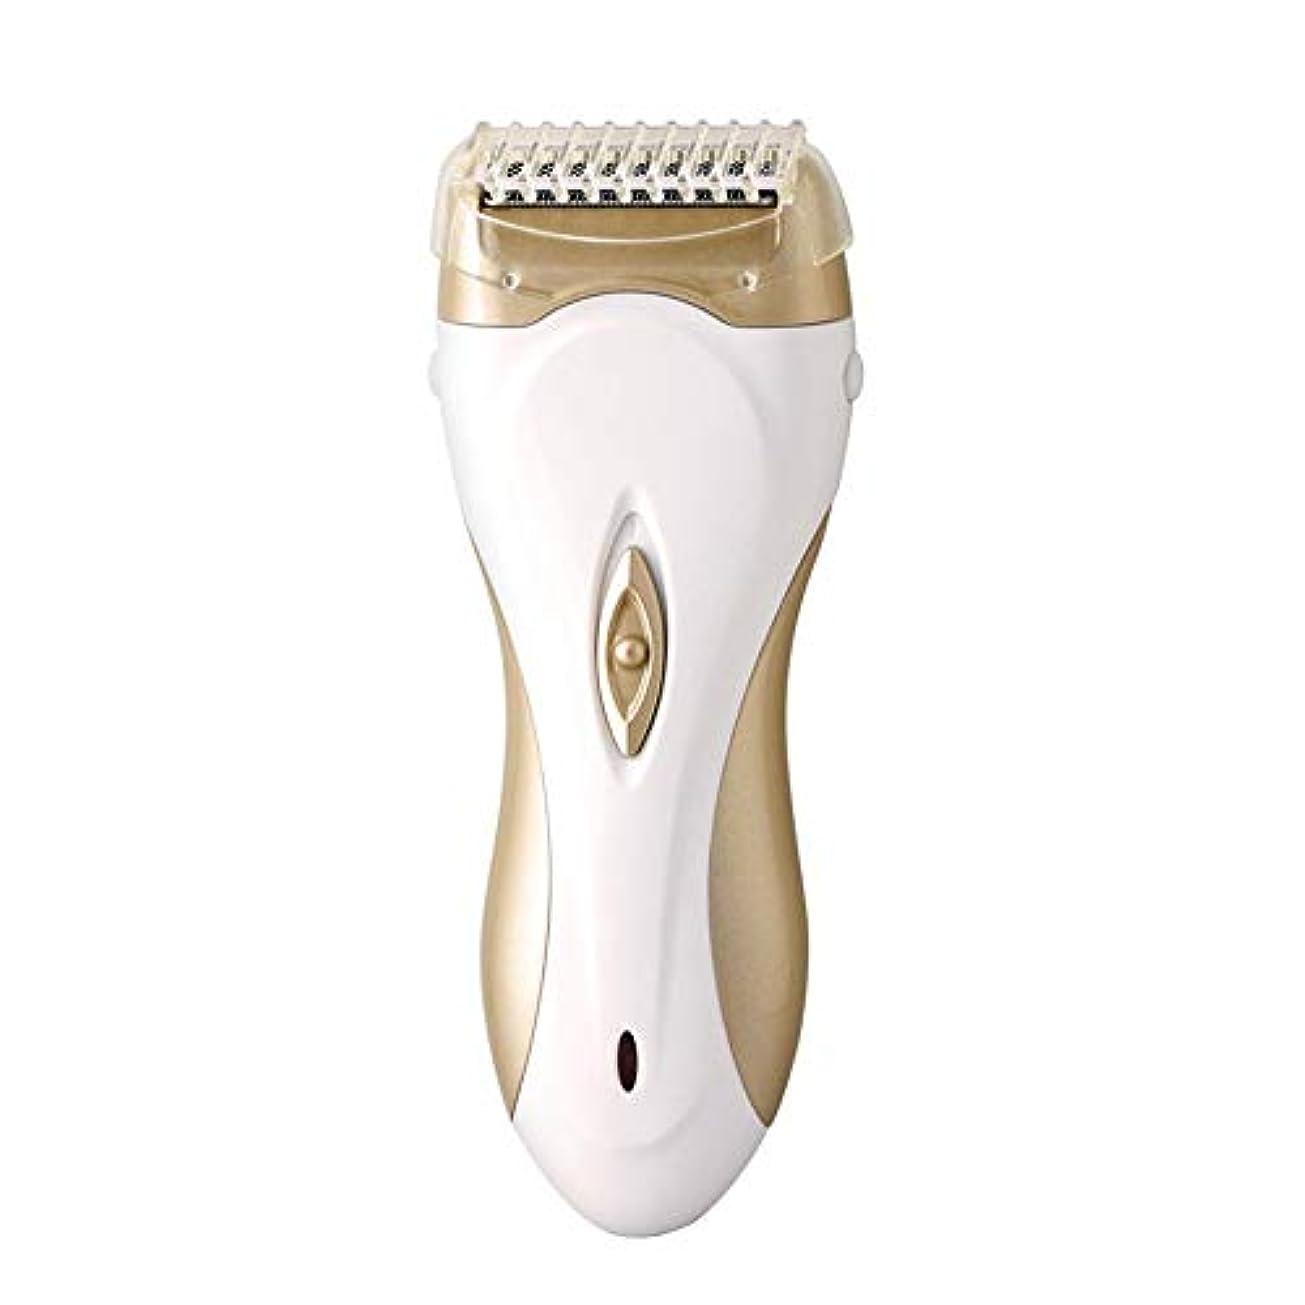 刺します証言シットコム脱毛器、女性コードレス携帯用電気脱毛器、女性の腕脇の下チンビキニ脚用充電式脱毛 (Color : Gold)